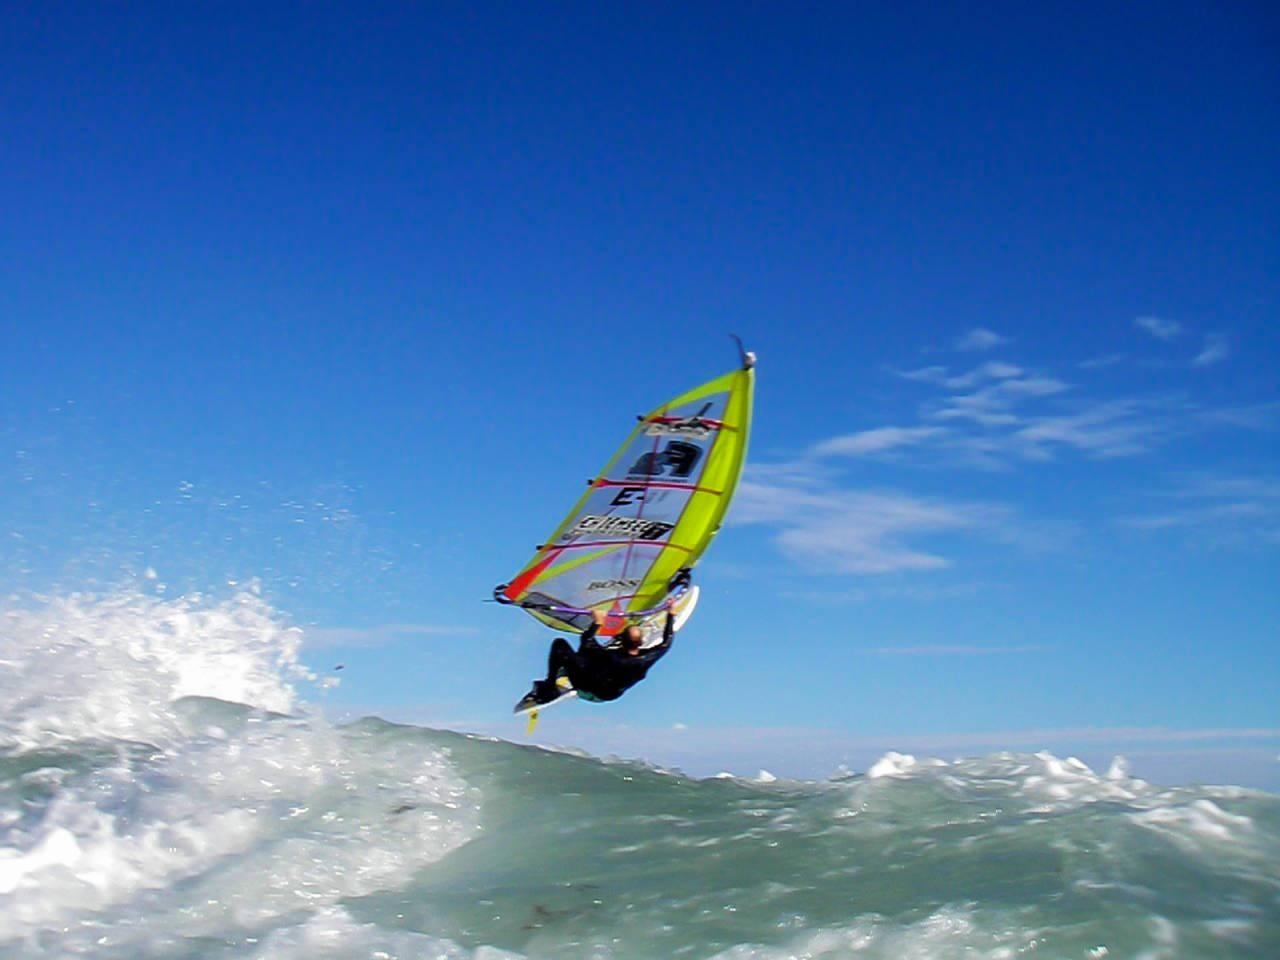 Olav Bleivik Saltstein windsurfing E11